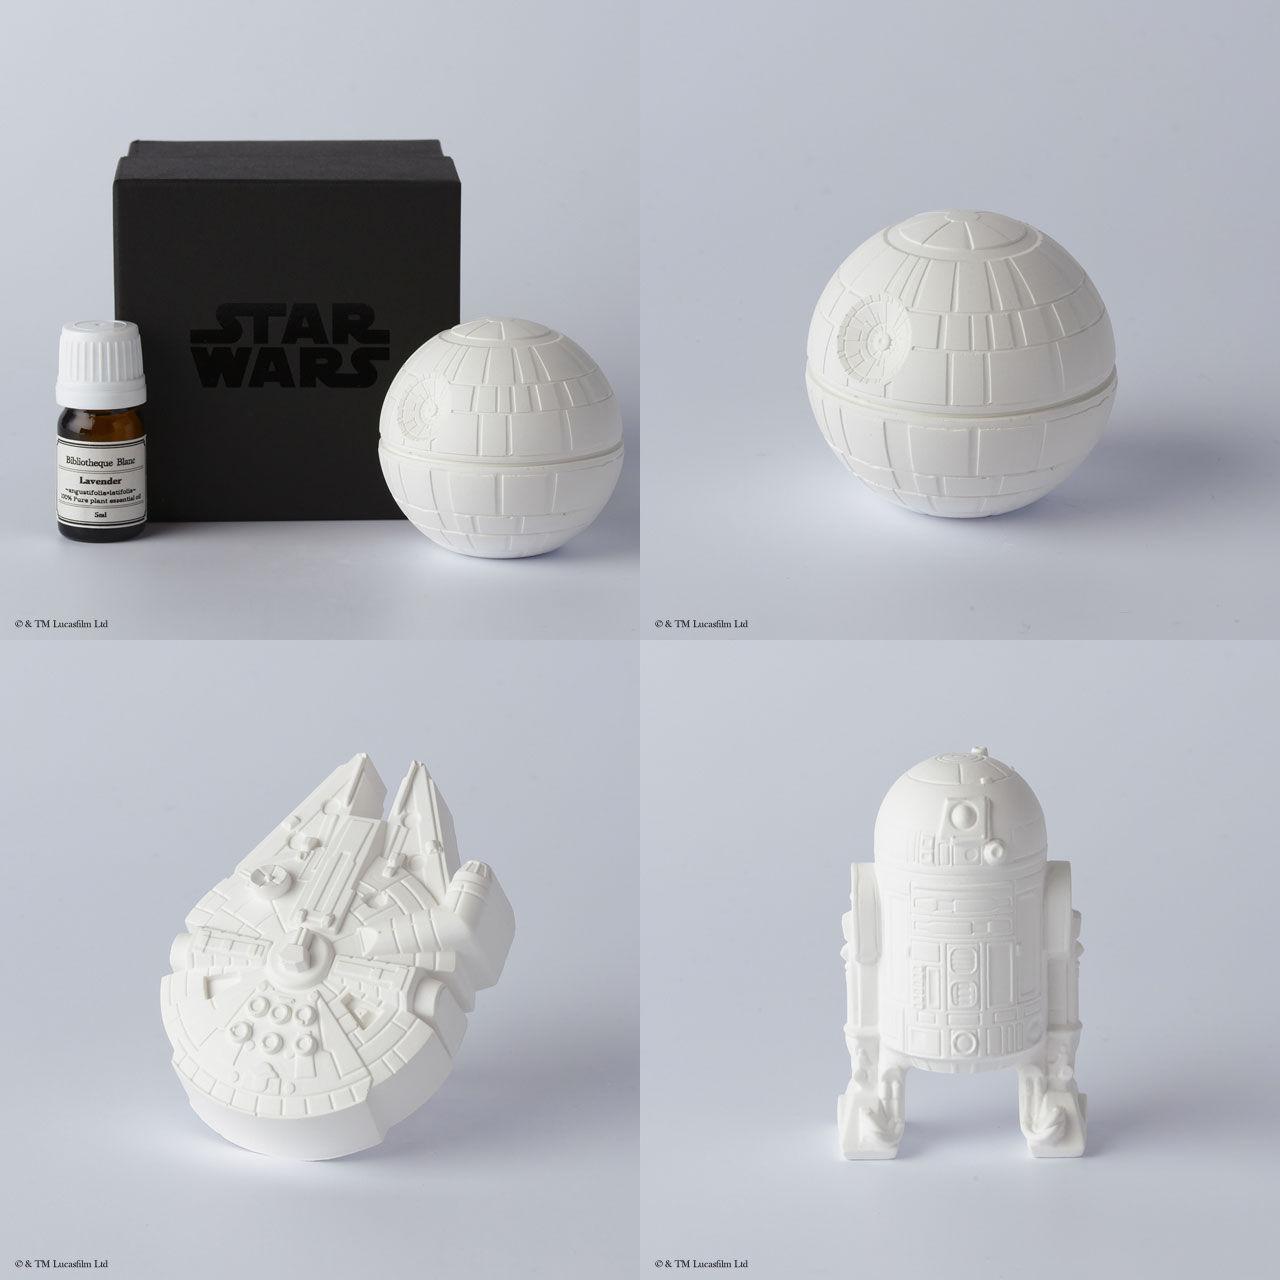 Sprid väldoft med Star Wars